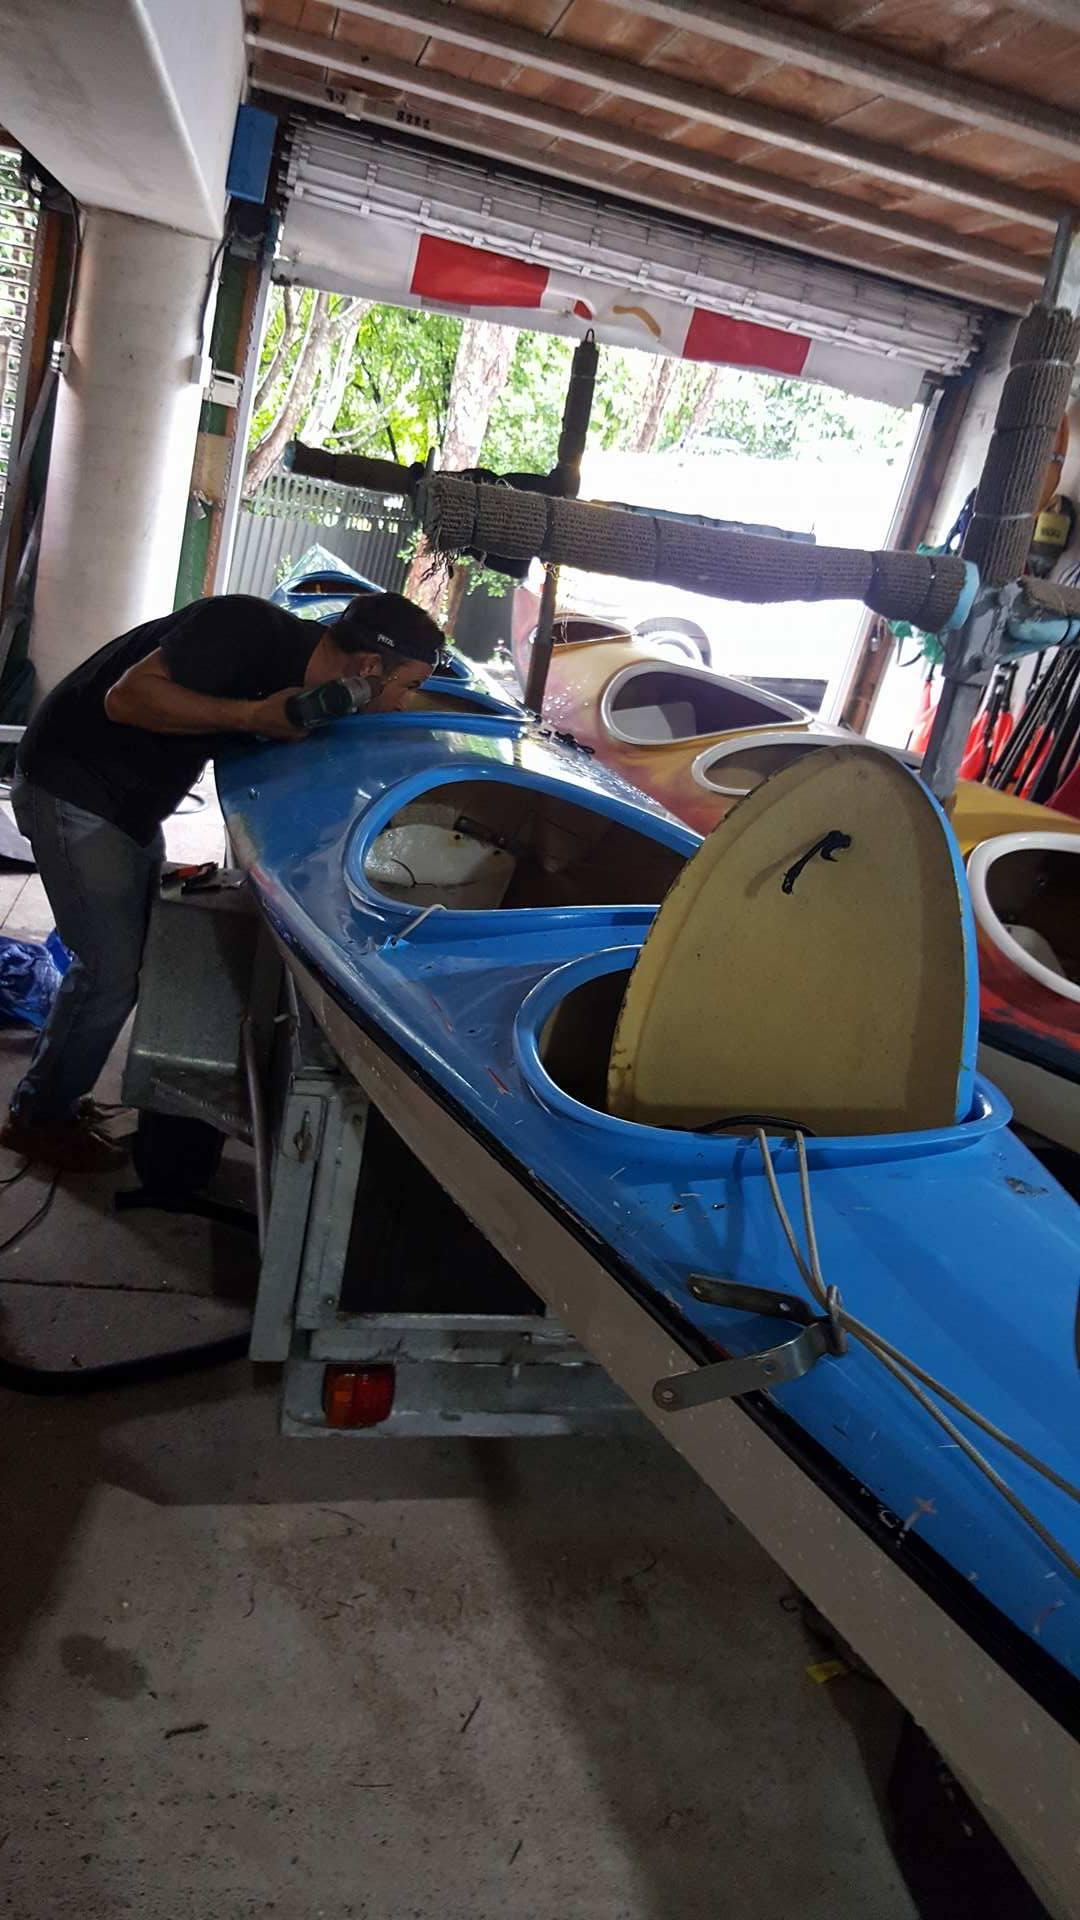 repaint a kayak | Auckland Sea Kayaks